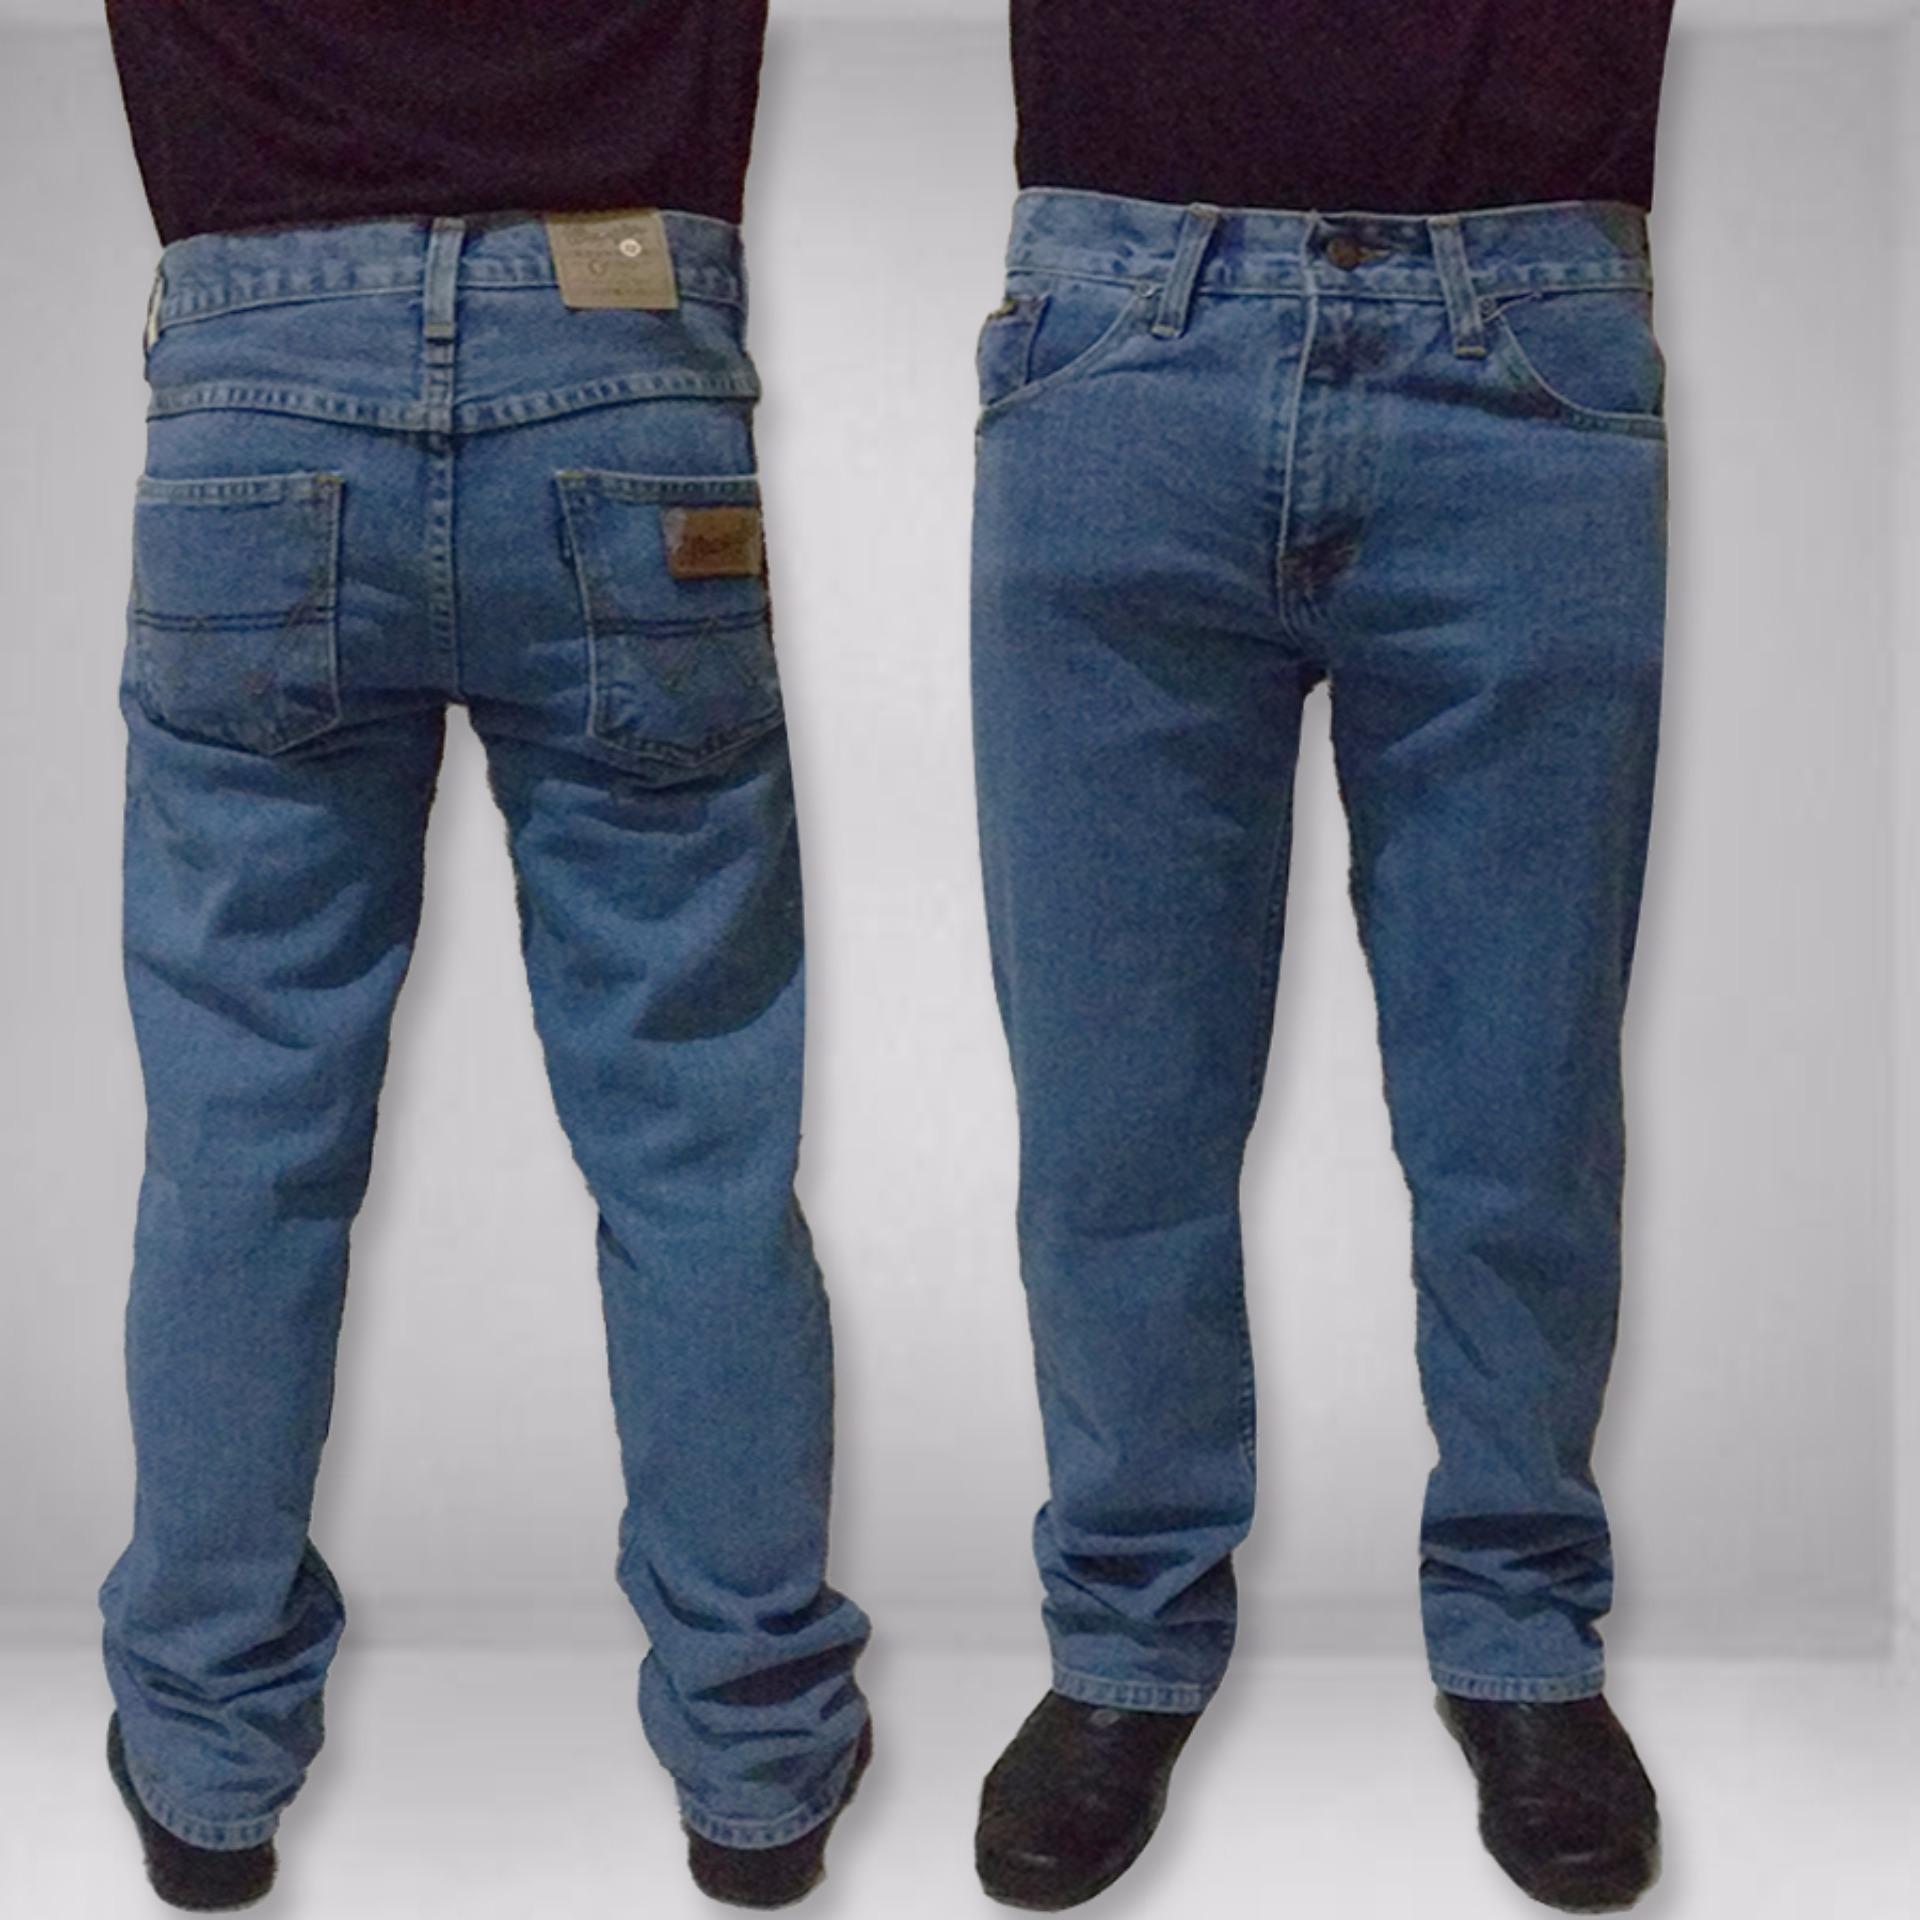 Beli Celana Jeans Wrangler Fit Standar Big Size S To Xxxl Online Dki Jakarta